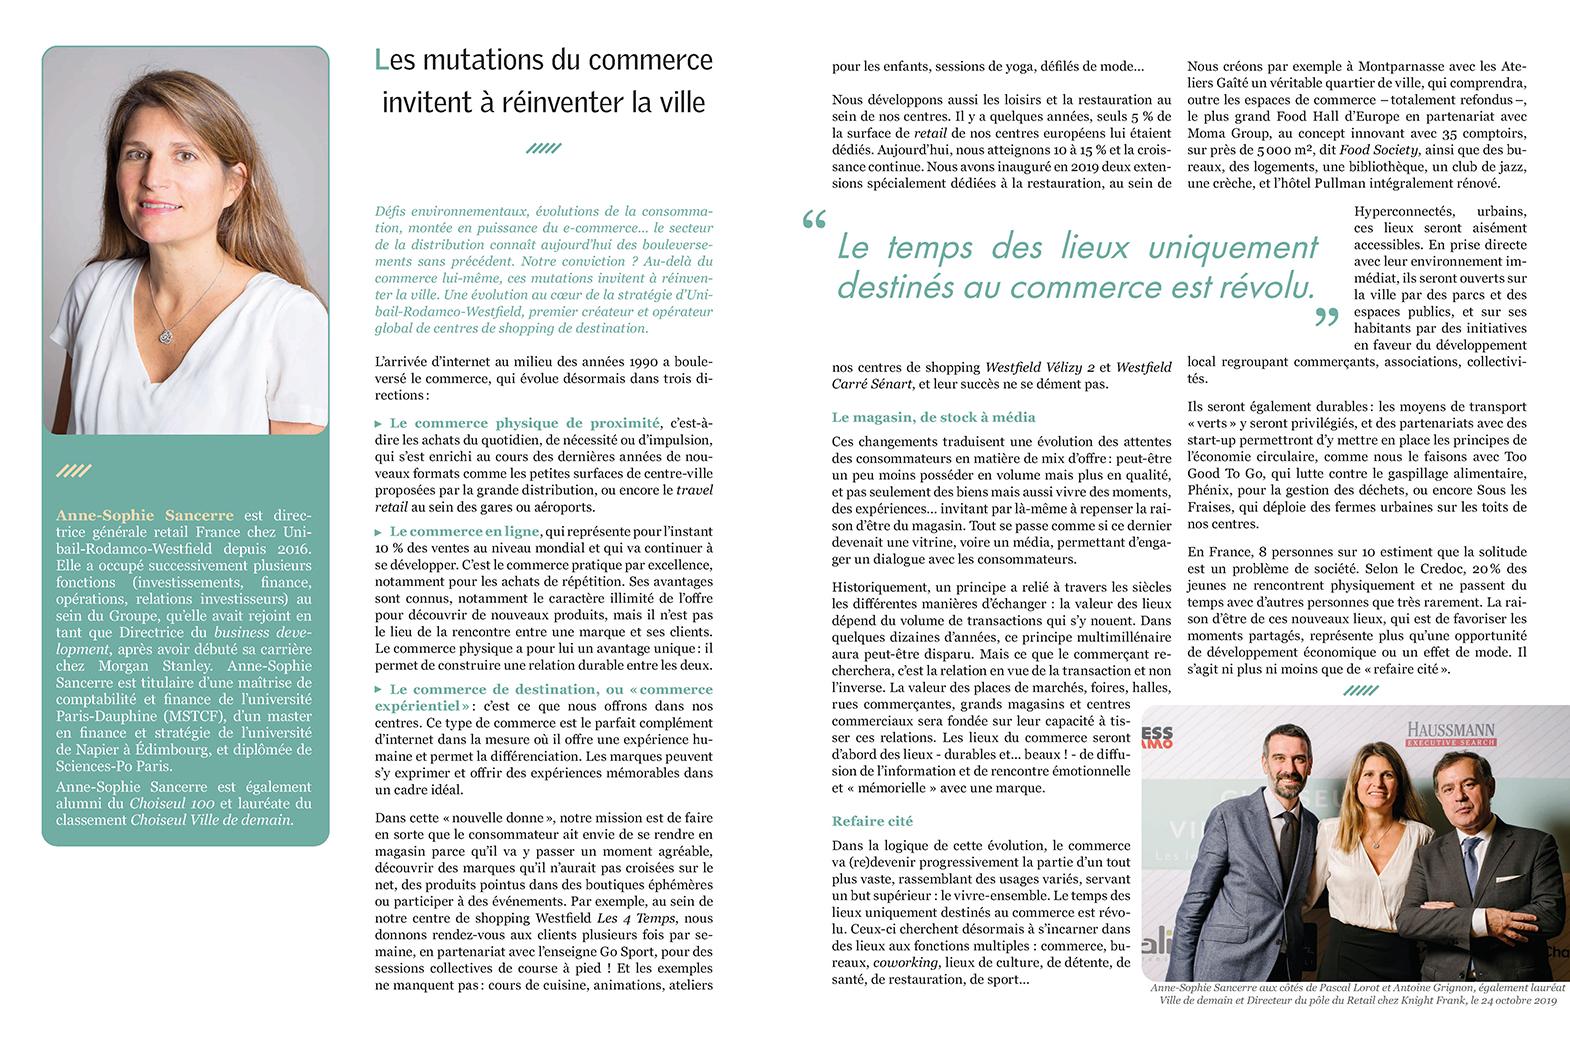 Choiseul Magazine – Les mutations du commerce invitent à réinventer la ville. La tribune d'Anne-Sophie Sancerre.